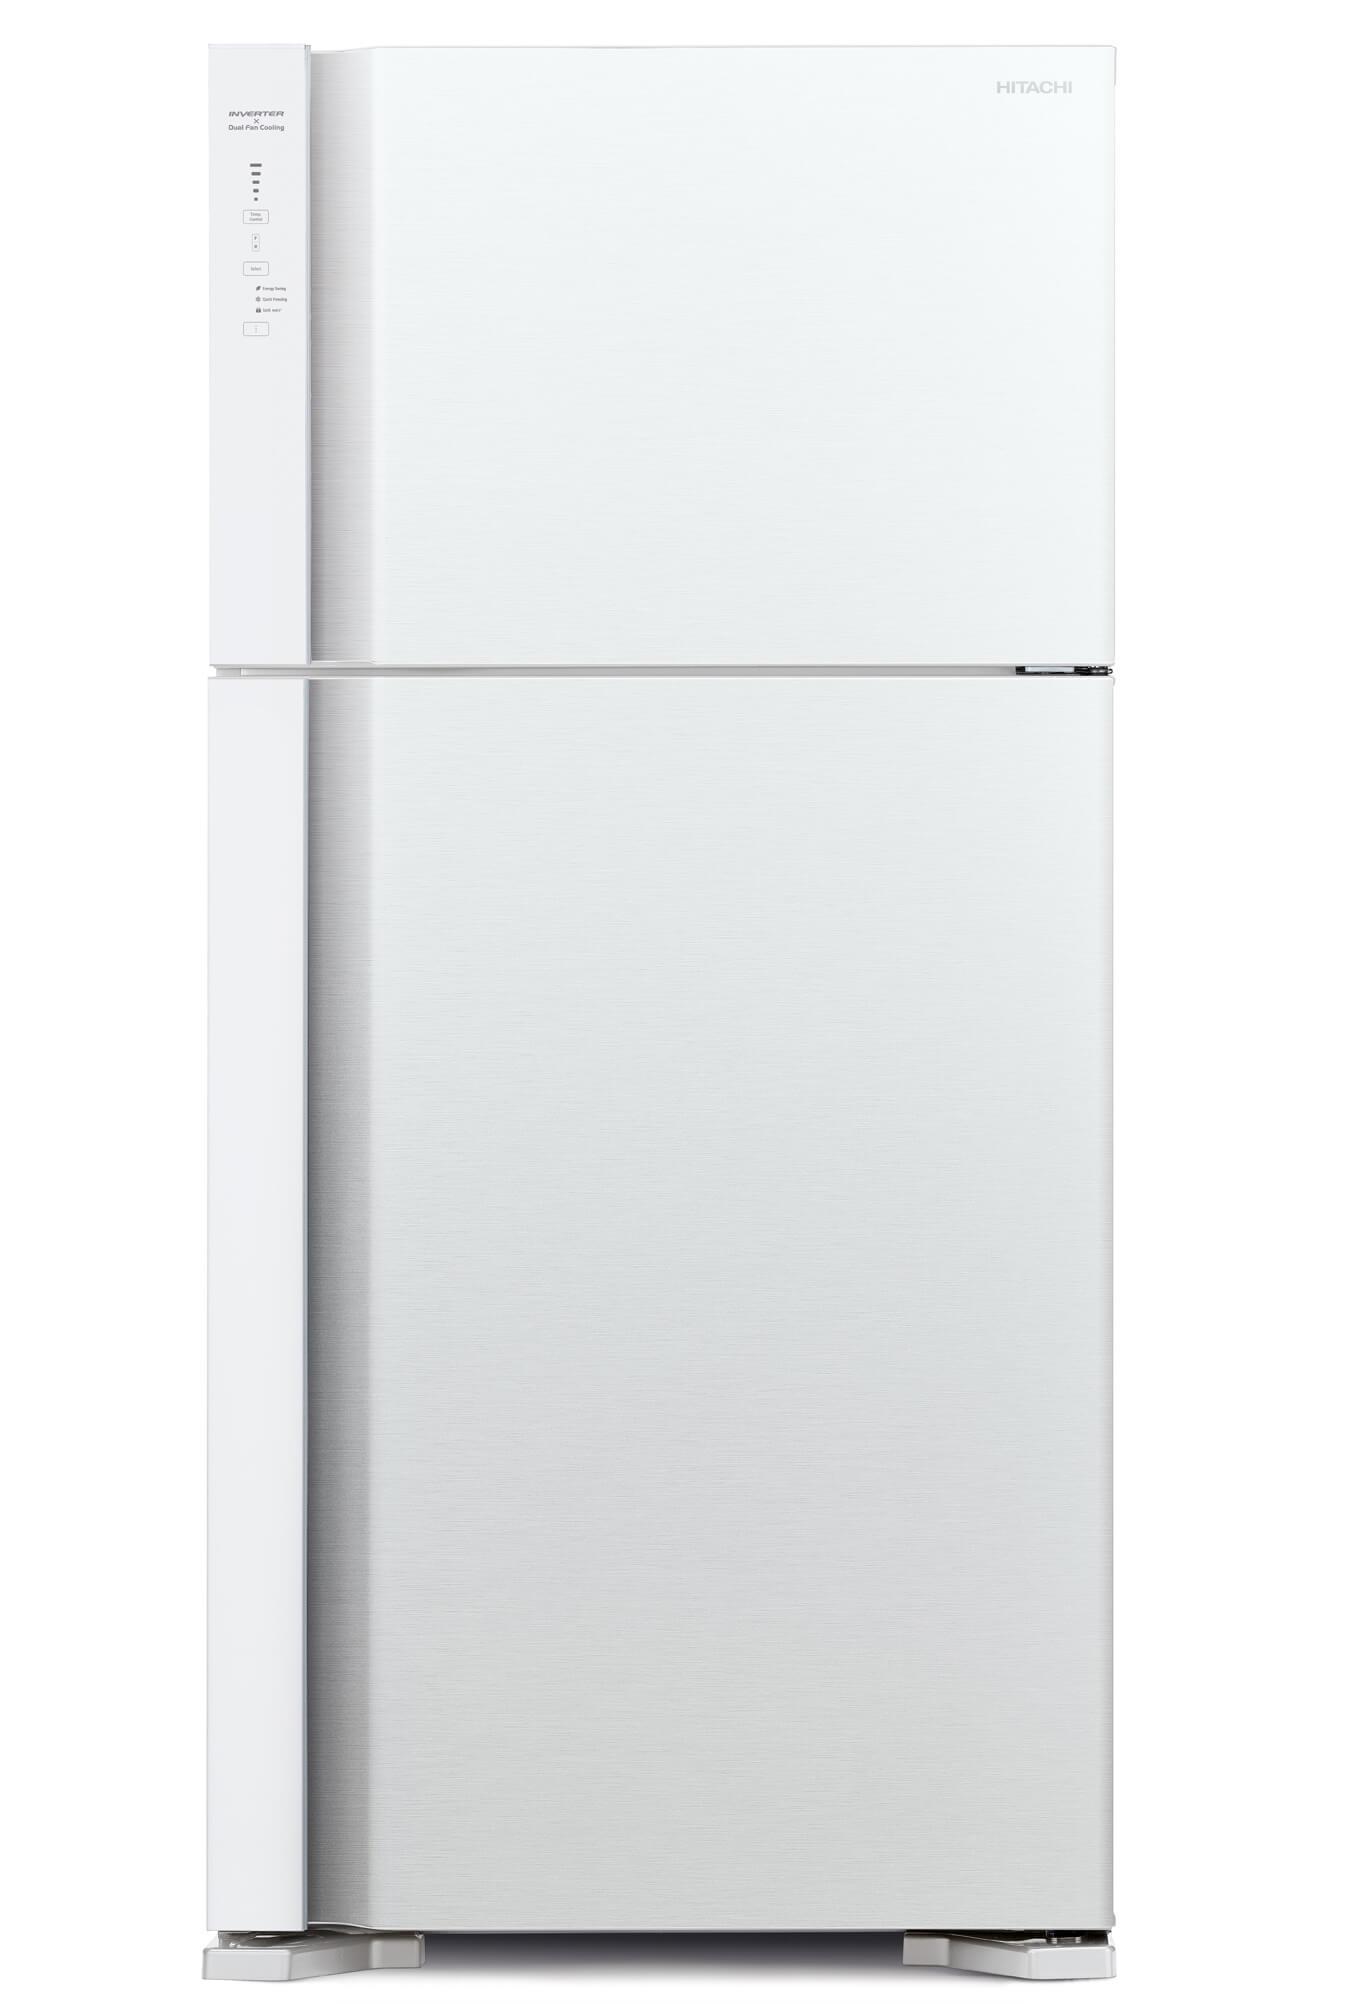 R-V660PUC7TWH